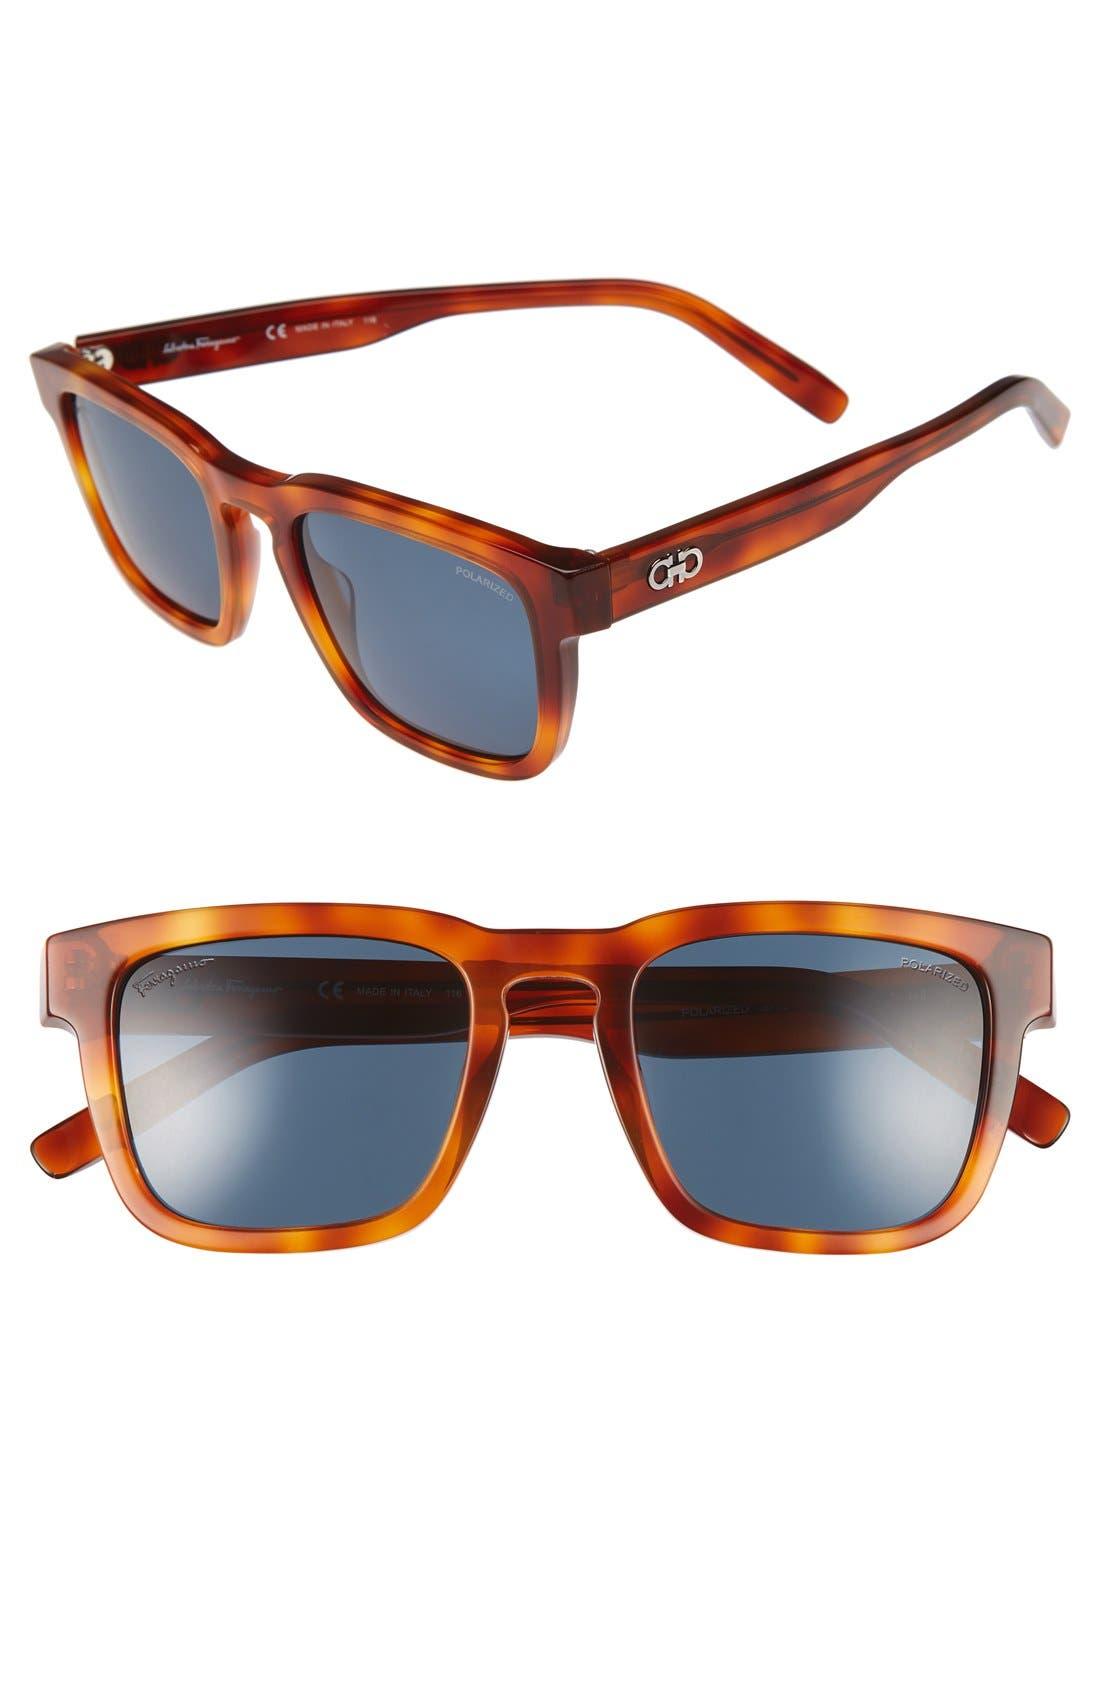 Salvatore Ferragamo 51mm Polarized Sunglasses